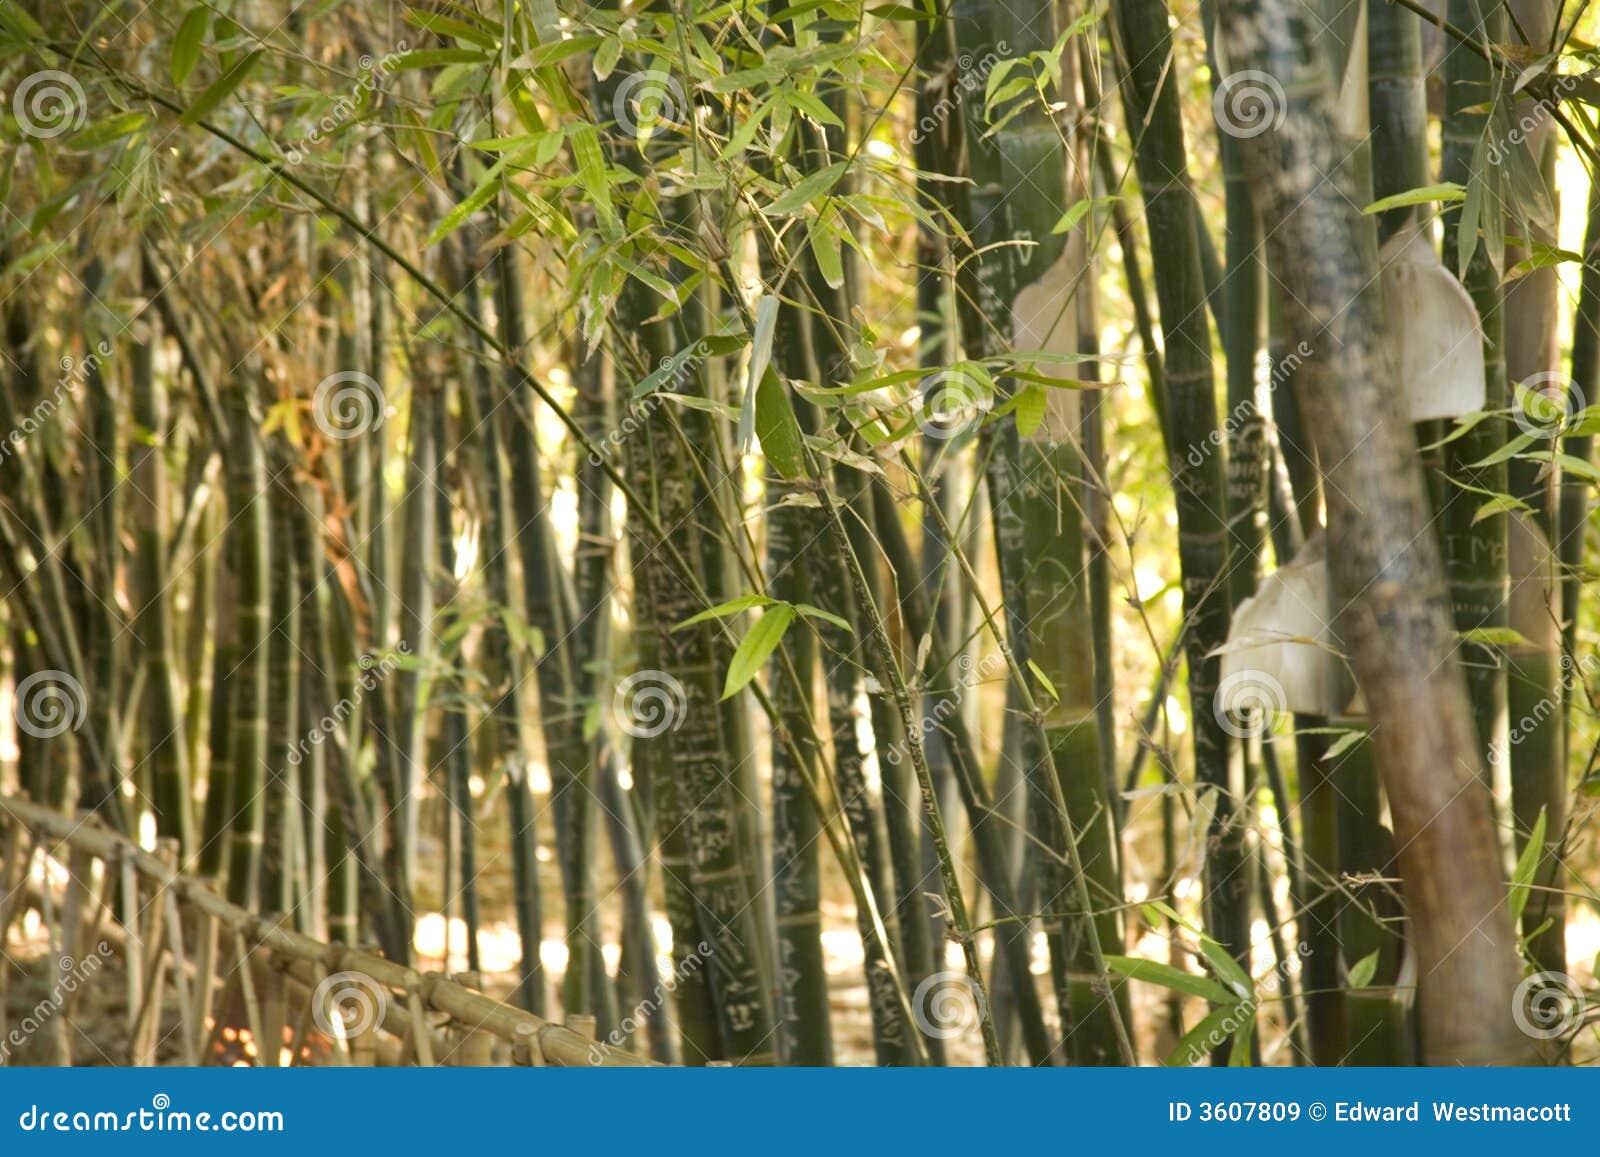 Cierre de bamb del seto para arriba im genes de archivo - Seto de bambu ...